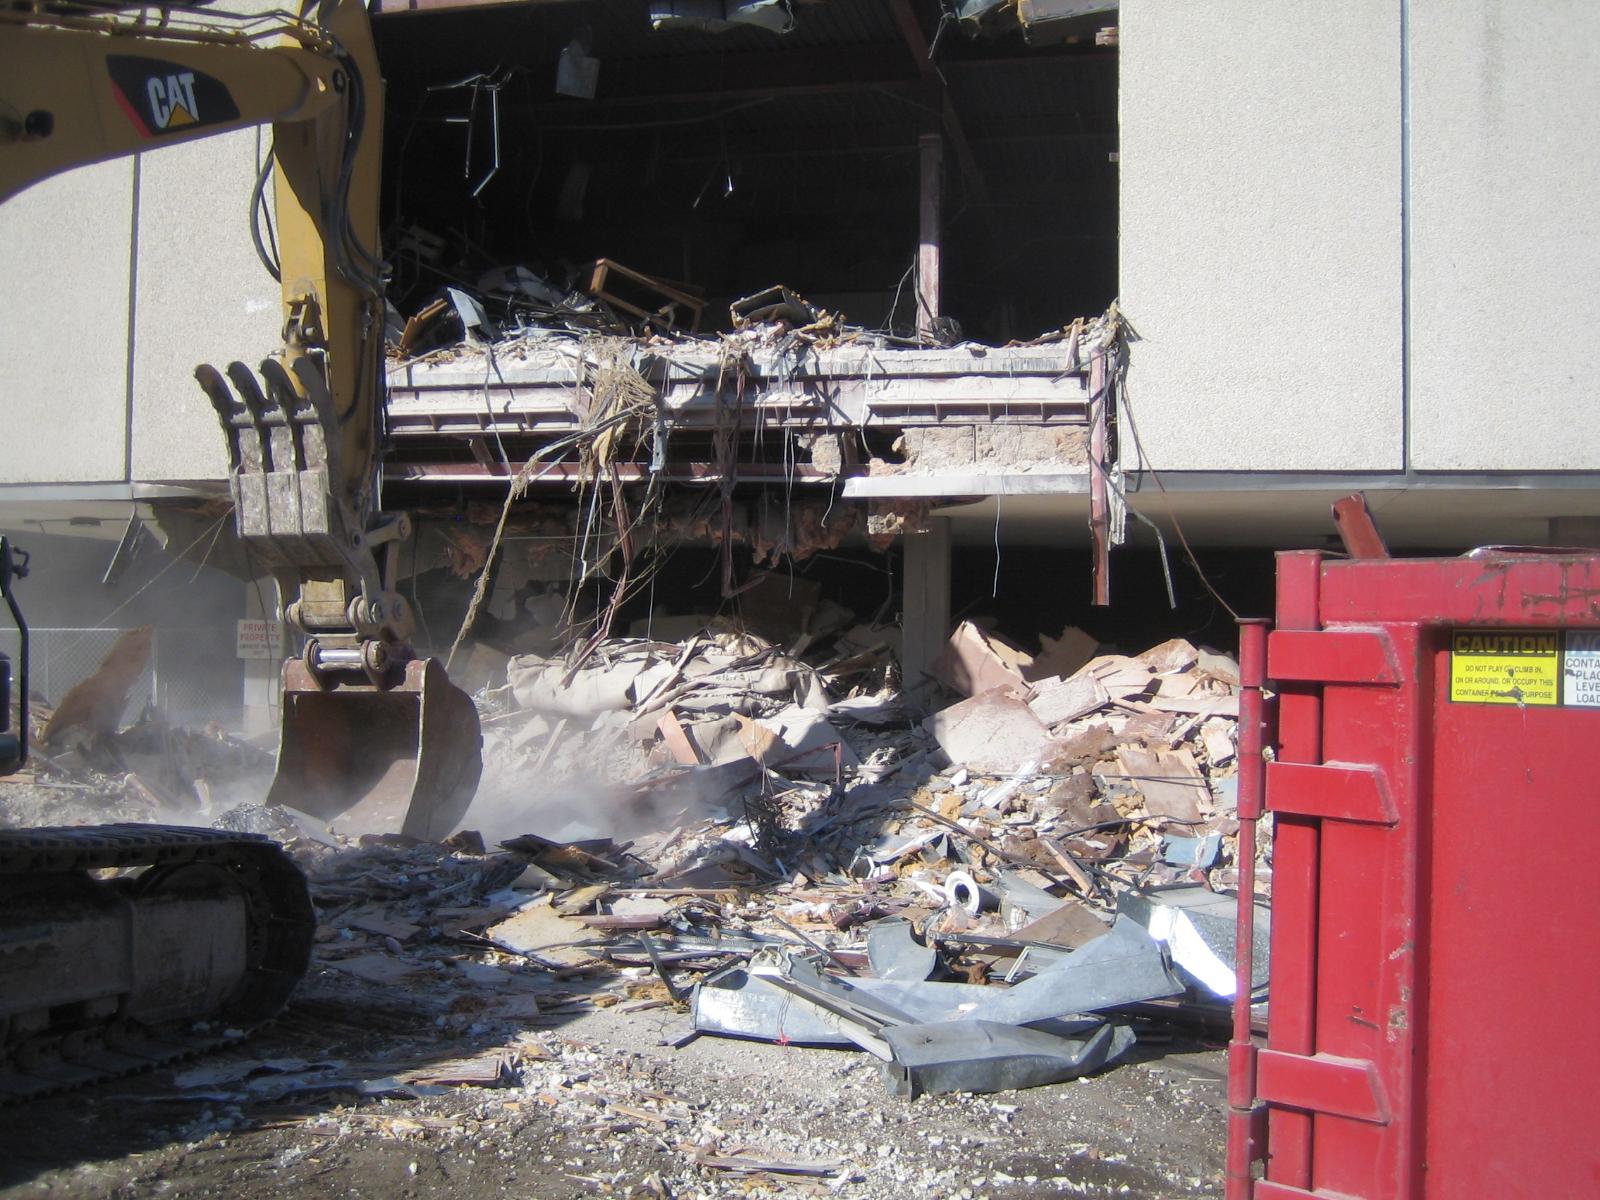 The demolition of 795 N. Van Buren St.